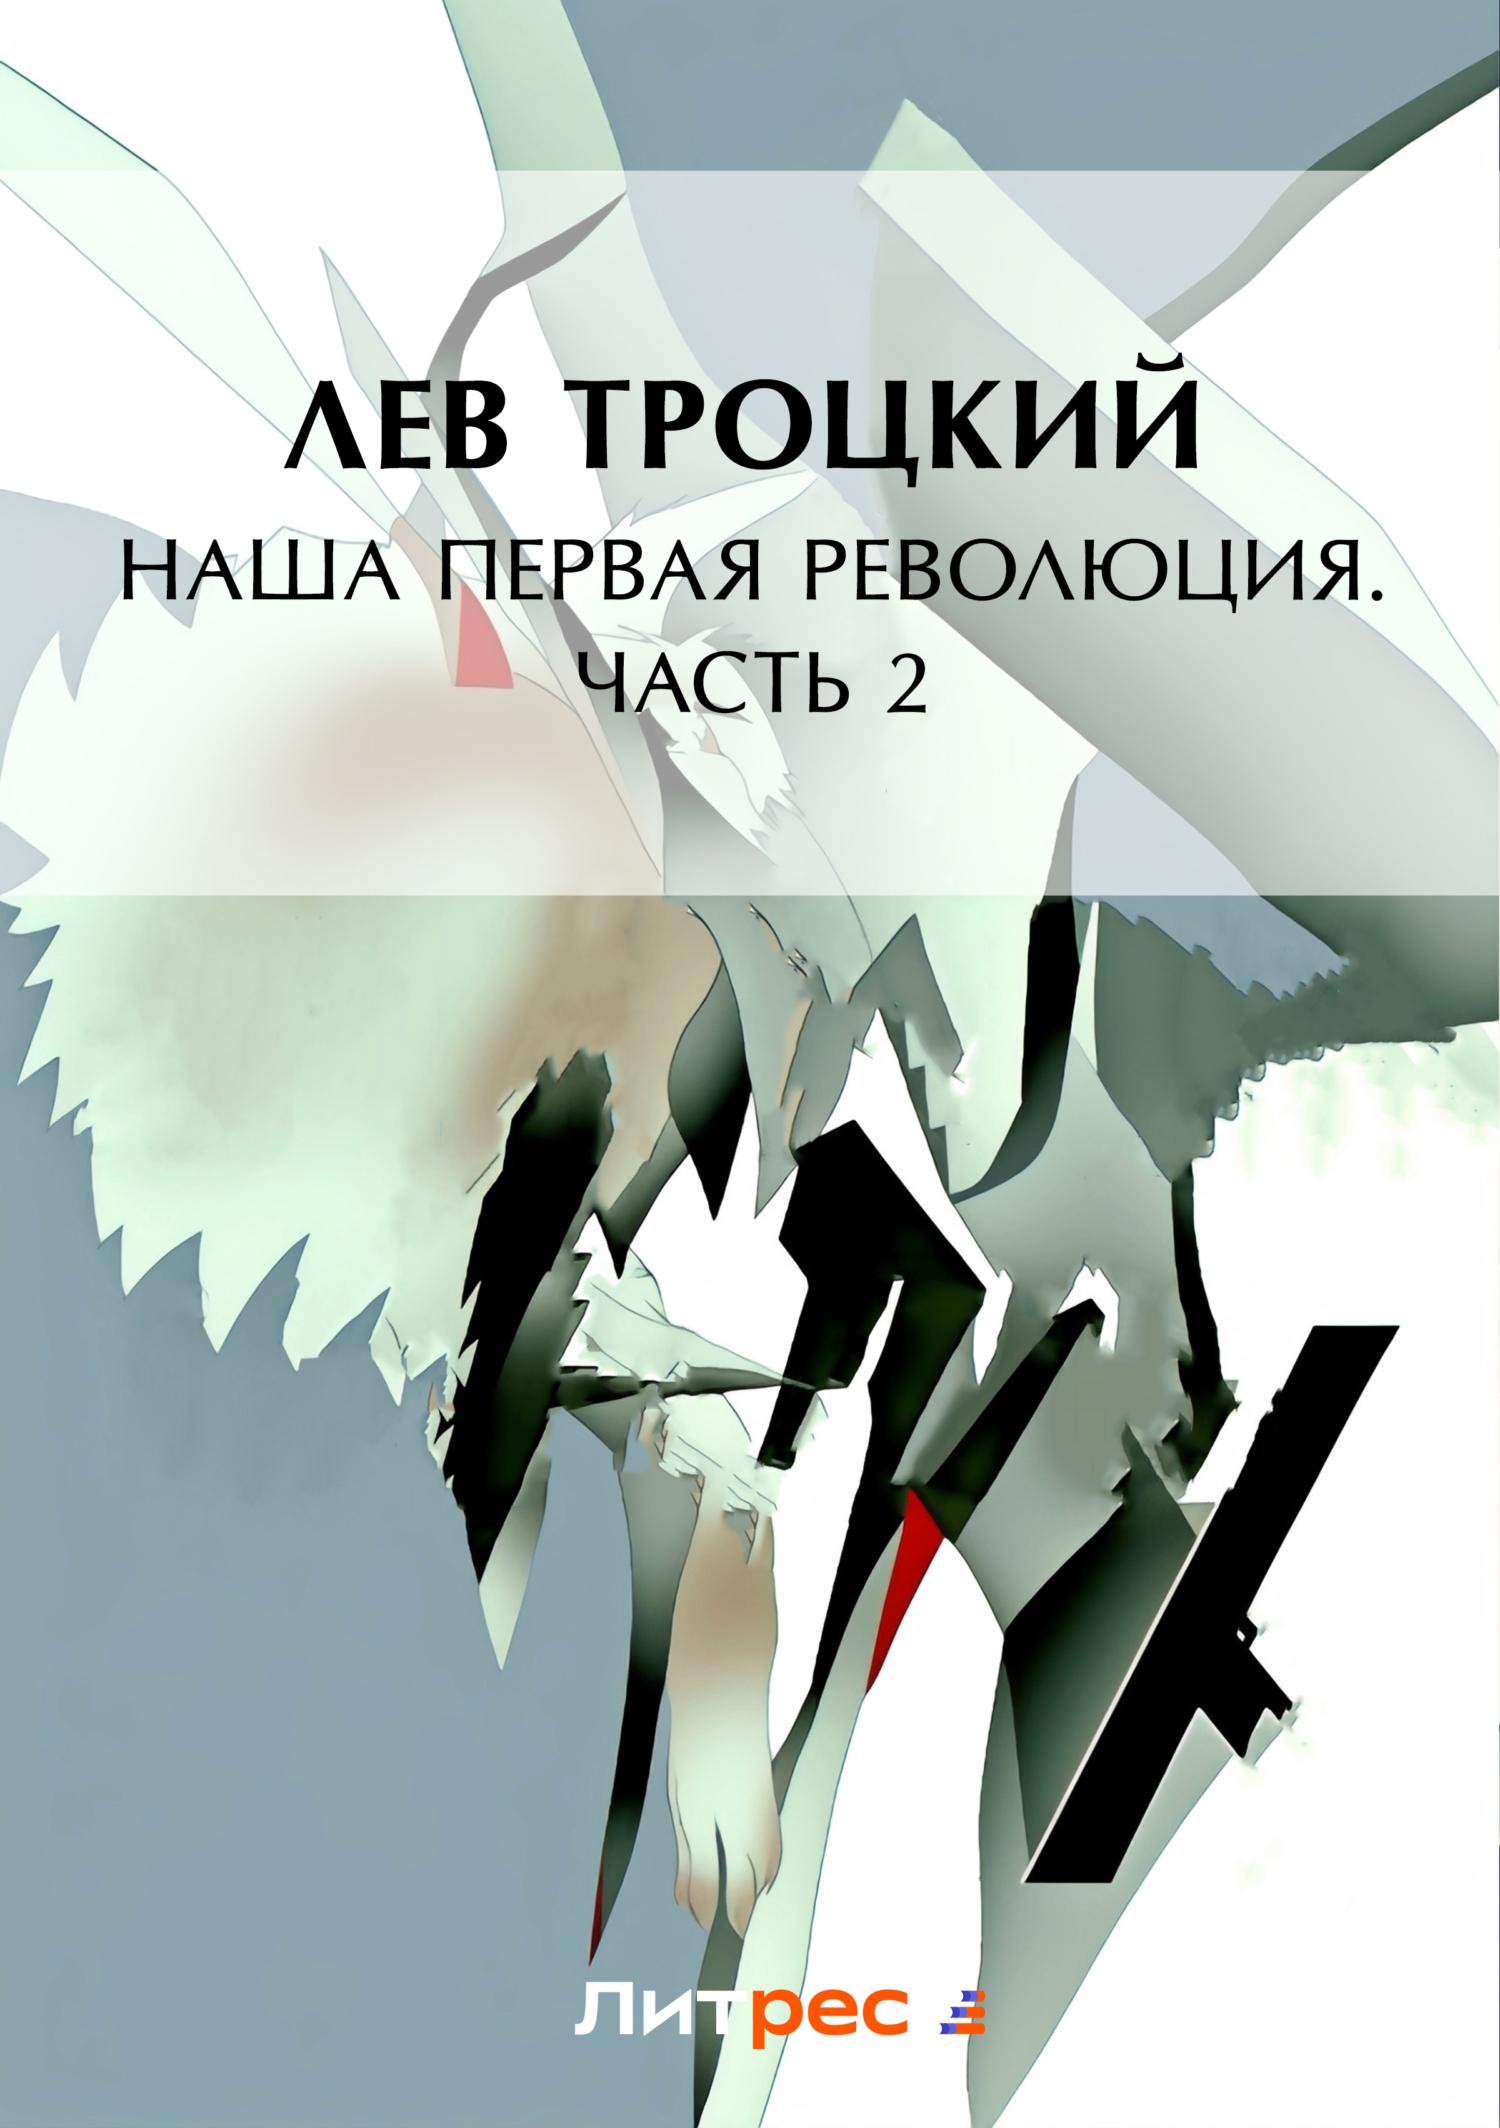 Лев Троцкий Наша первая революция. Часть II 1985 80 летие революции 1905 г 5589кб квартблок